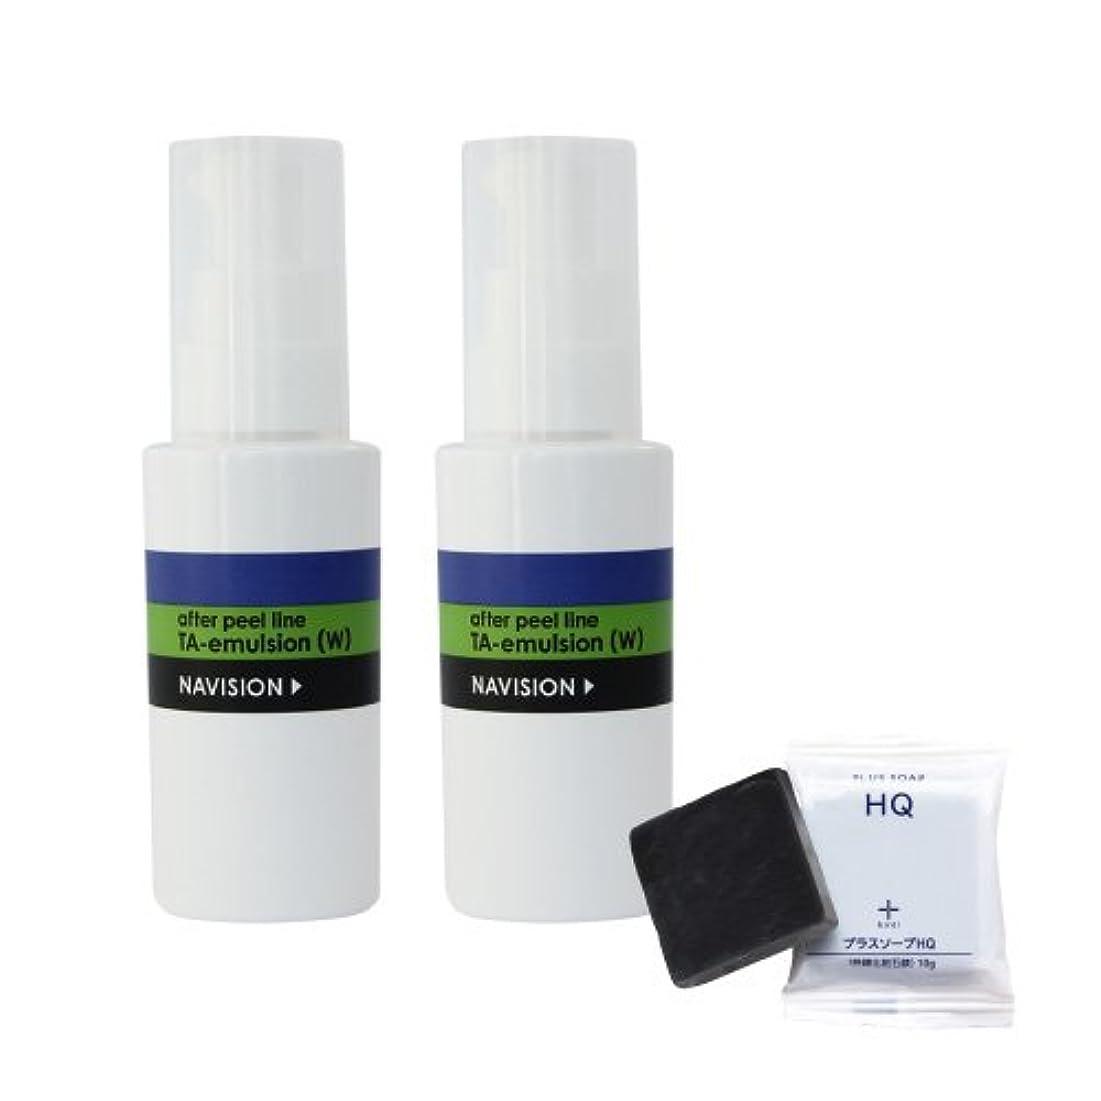 グレートオークプット移植ナビジョン NAVISION TAエマルジョン(W)(医薬部外品) 2本 + プラスソープHQミニ